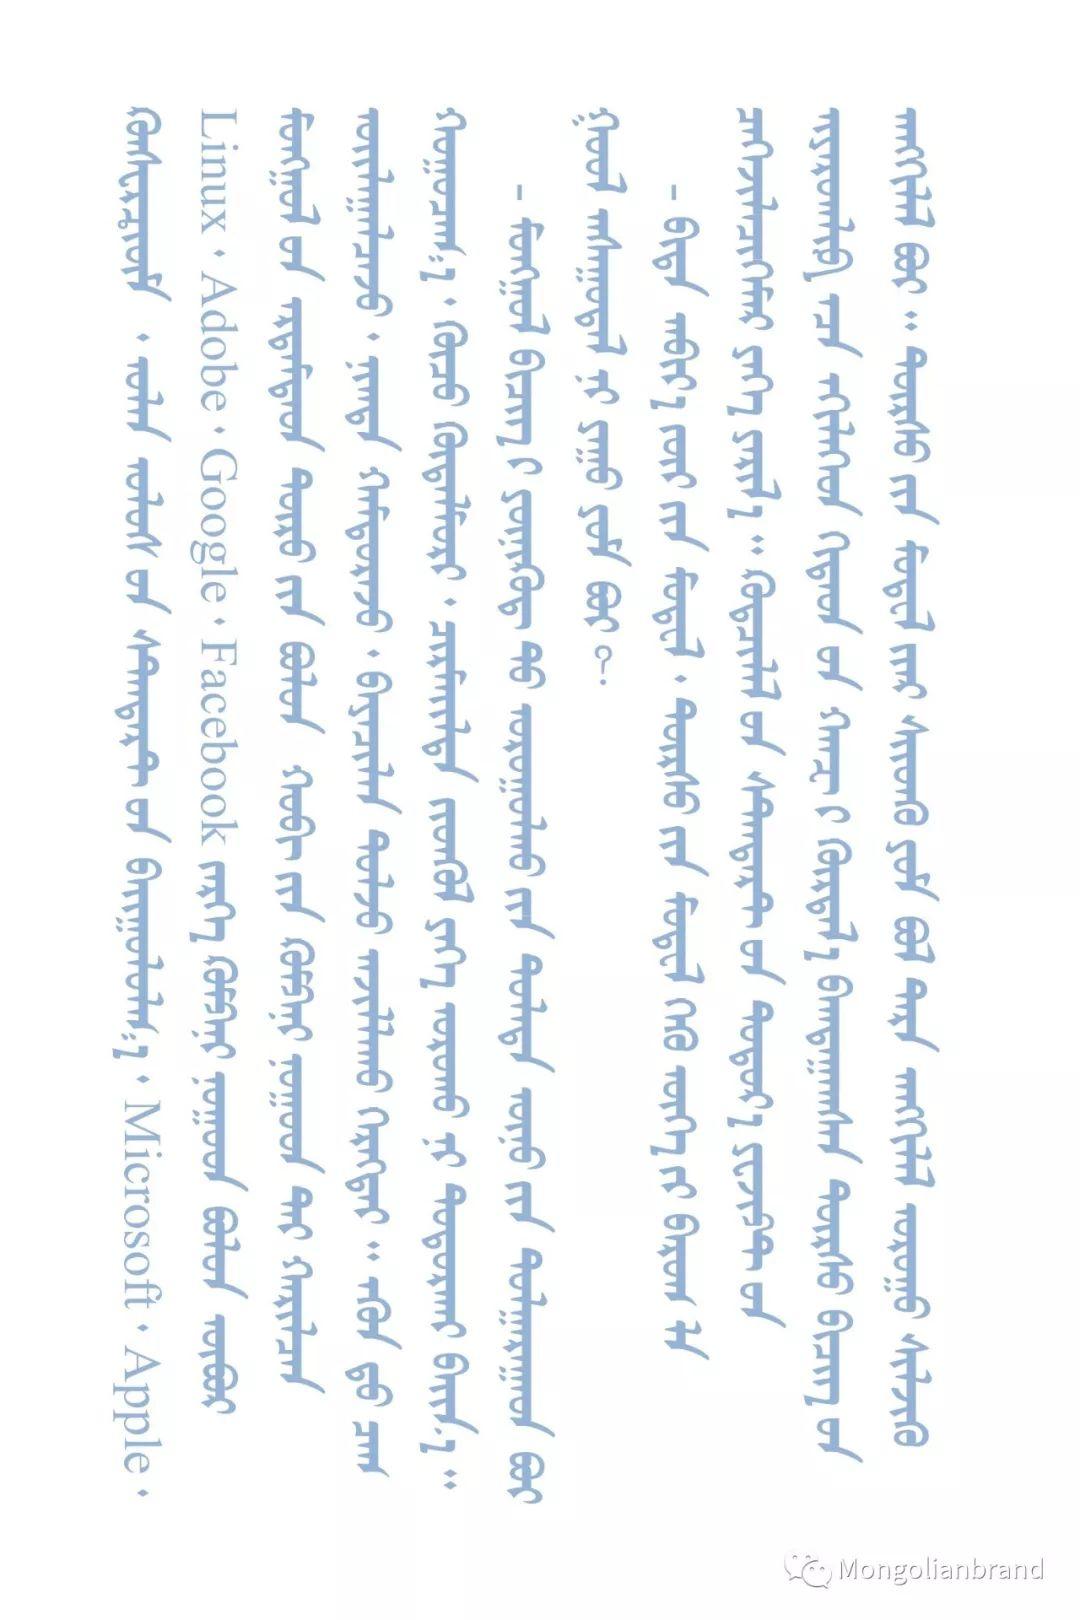 蒙古字体设计专家Jamiyansuren:让每个蒙古人掌握传统蒙古文是我们的终极目标 第9张 蒙古字体设计专家Jamiyansuren:让每个蒙古人掌握传统蒙古文是我们的终极目标 蒙古文化